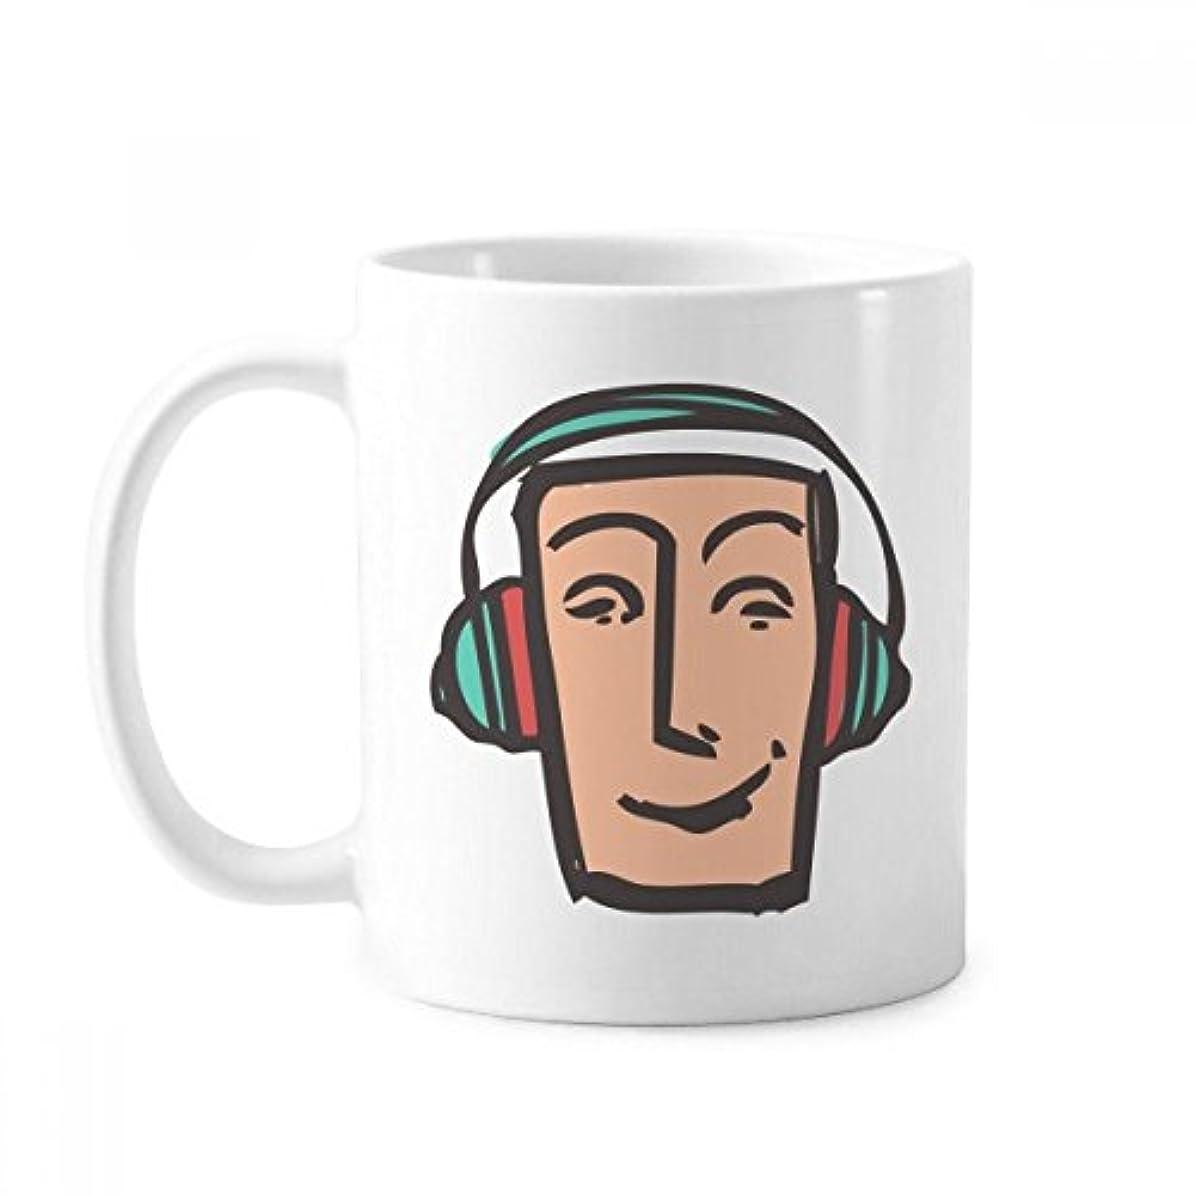 びっくりしたアセンブリ露骨なヘッドセットの抽象的な顔スケッチ絵文字チャットクラシックマグカップ白陶器セラミックカップギフトミルクコーヒーで350 mlのハンドル